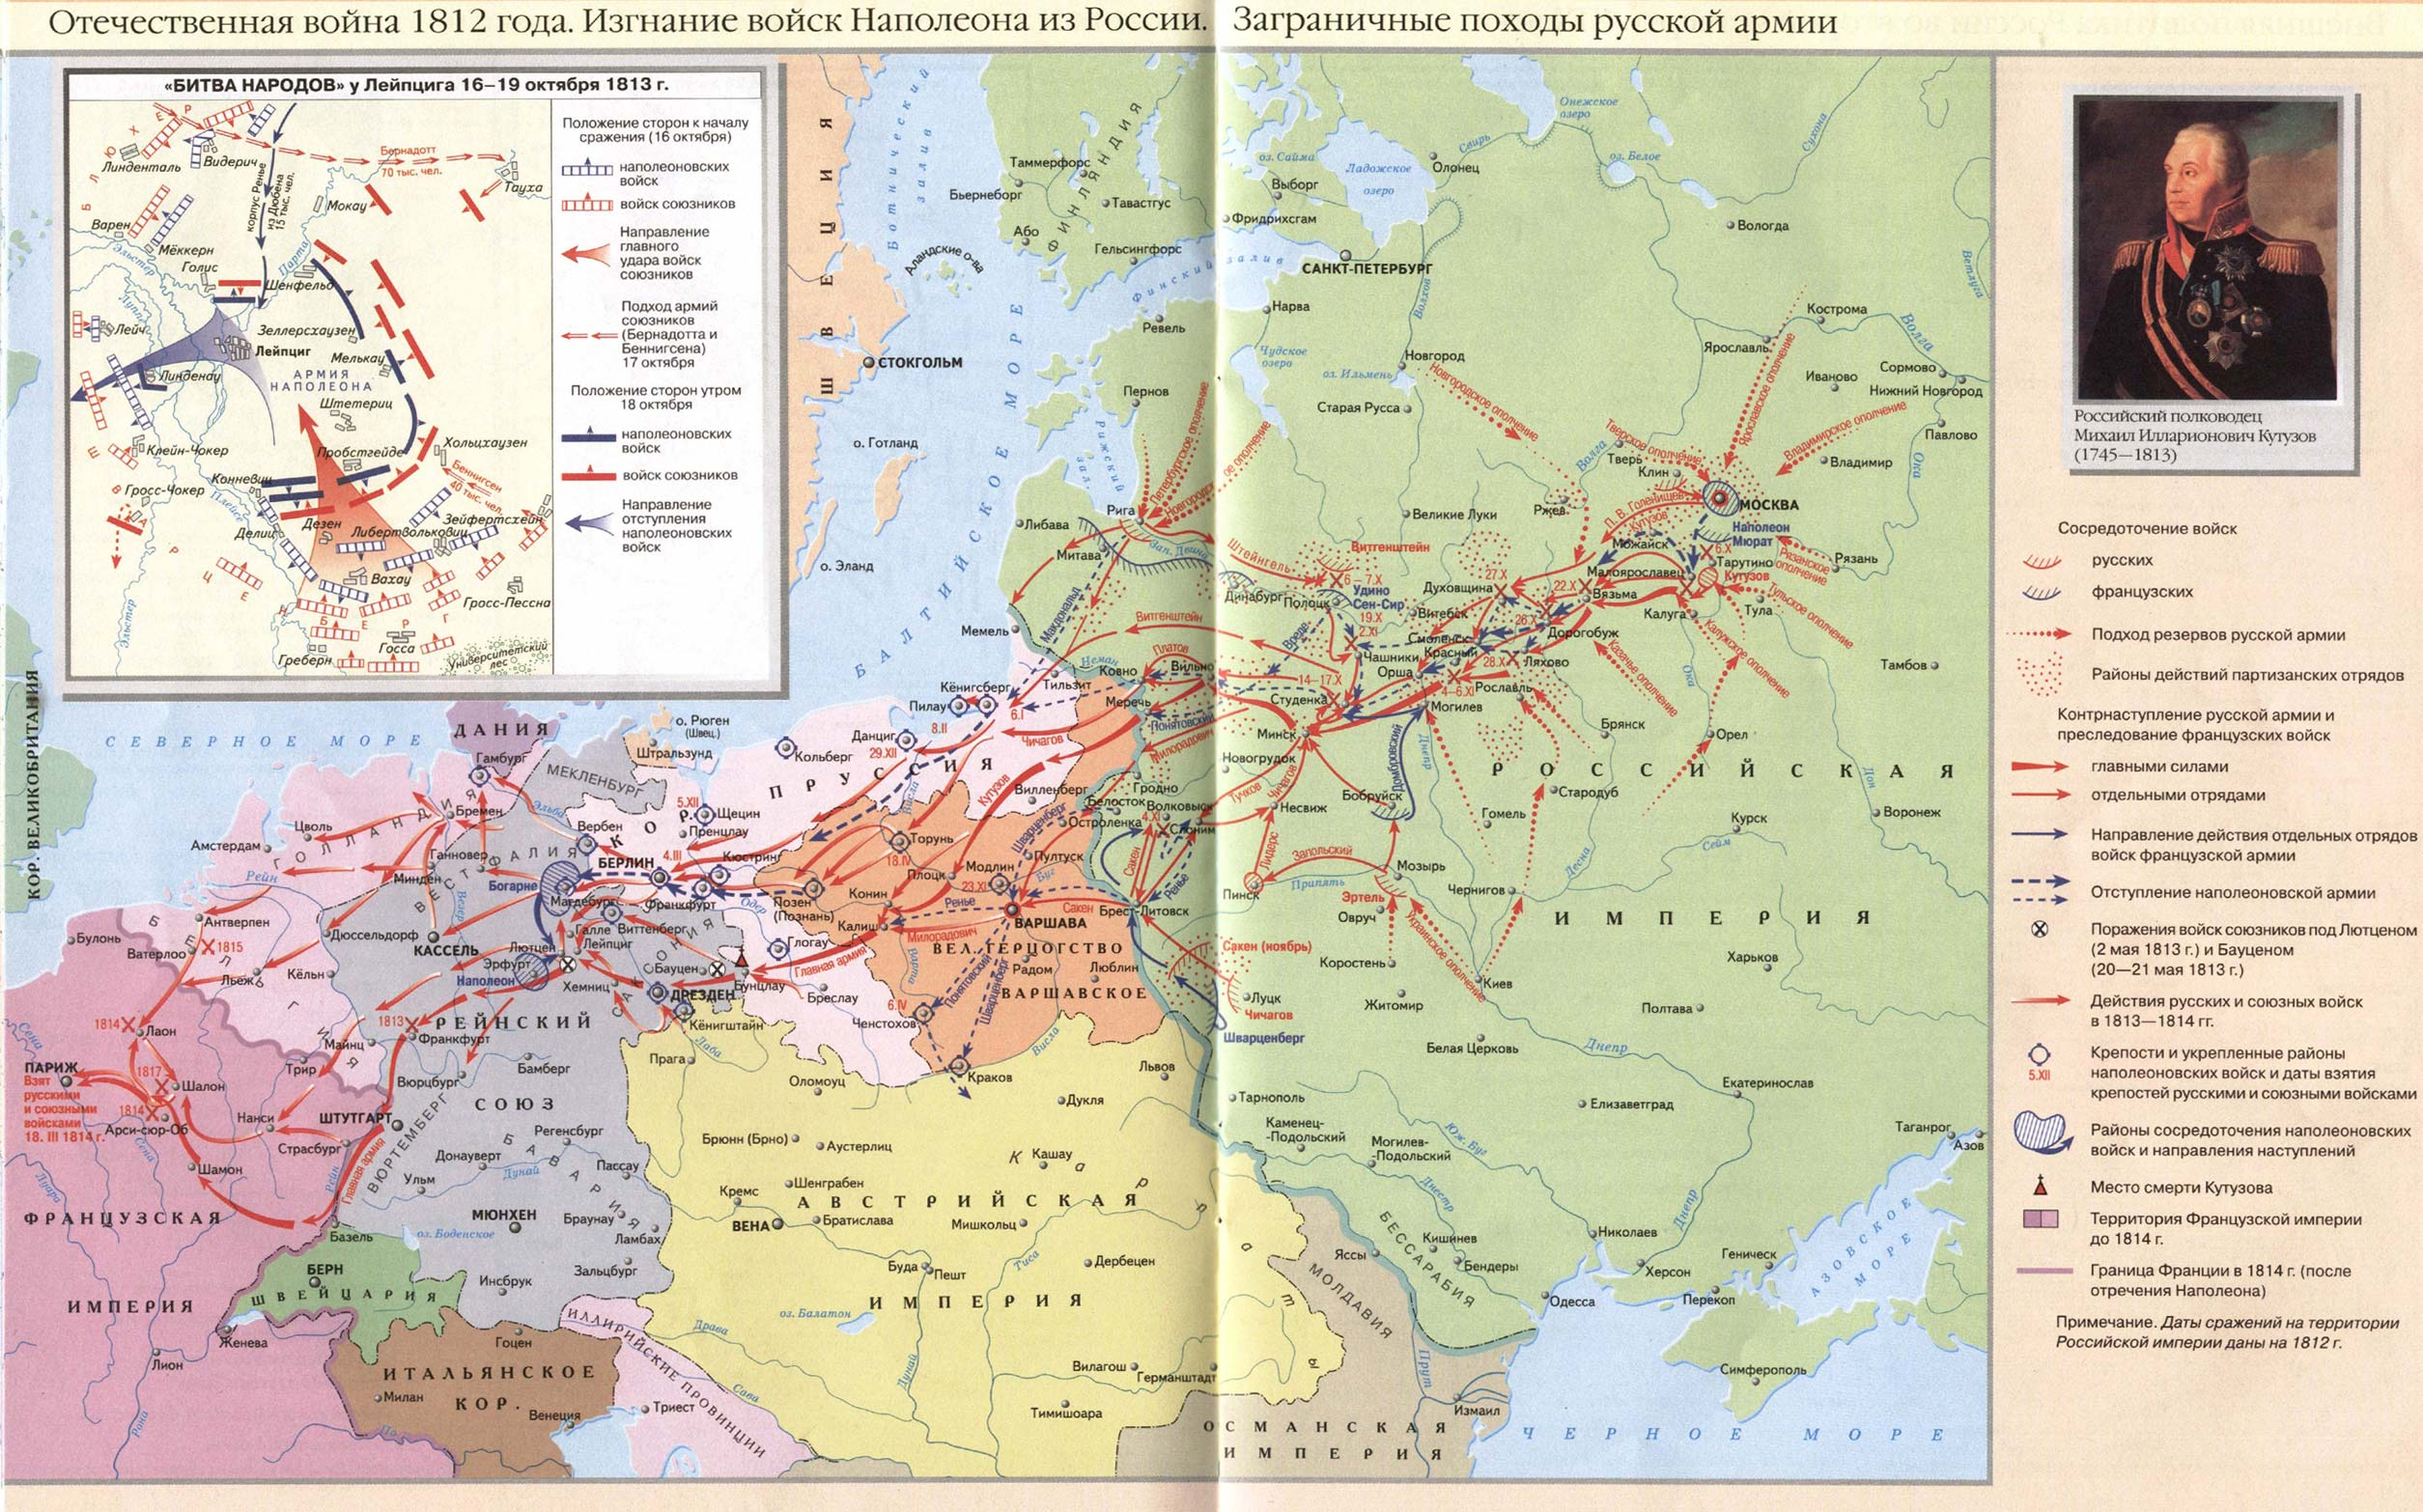 Заграничные походы русской армии Пожалуй, соглашусь